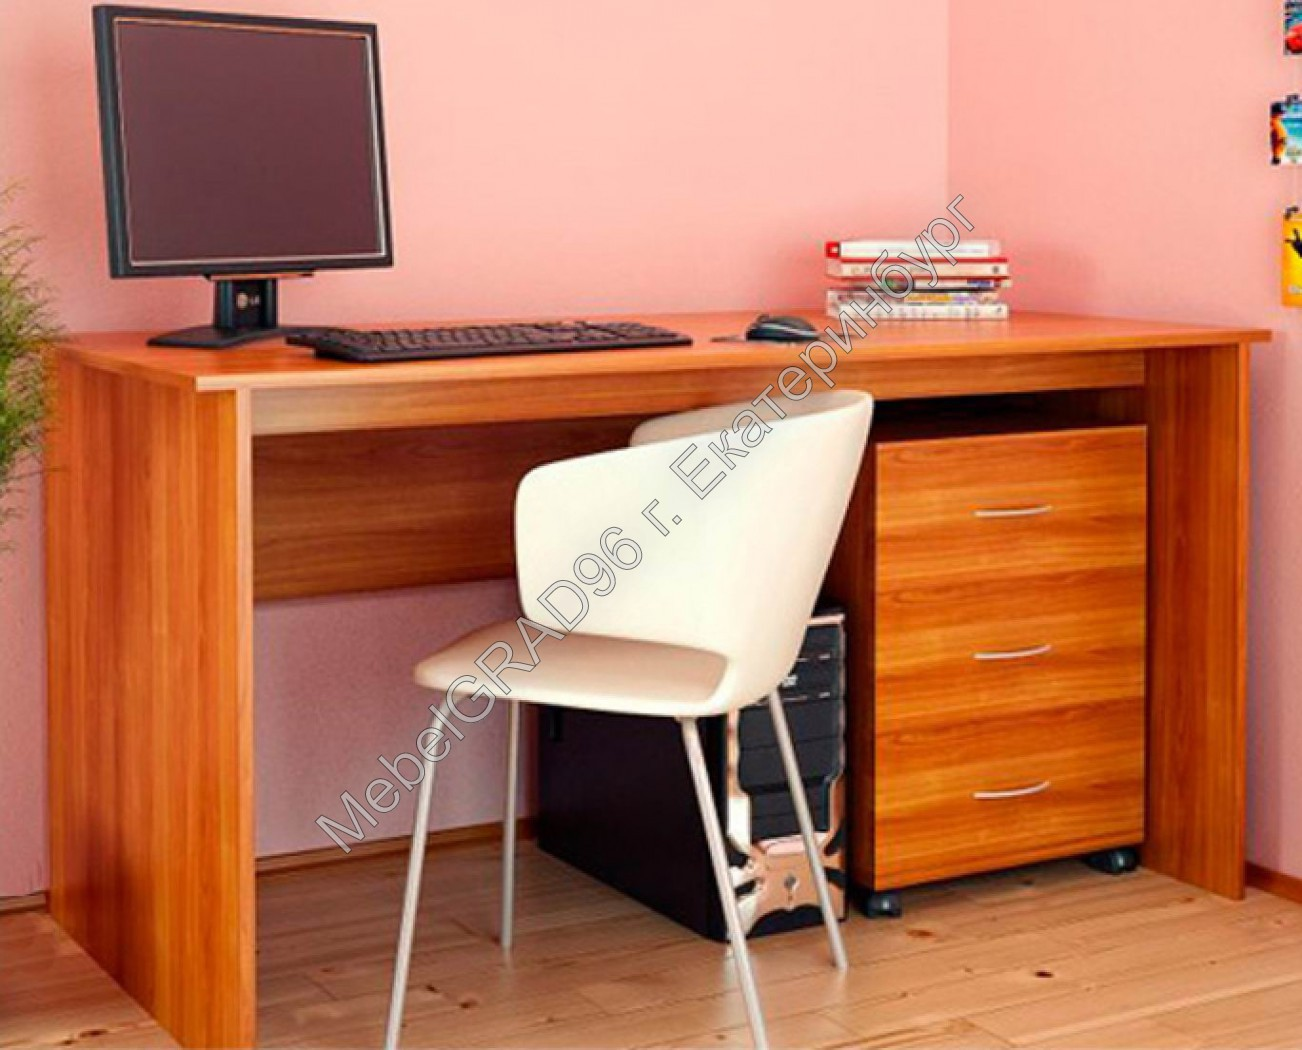 Стол с выкатной тумбой - интернет магазин мебели - mebelgrad.